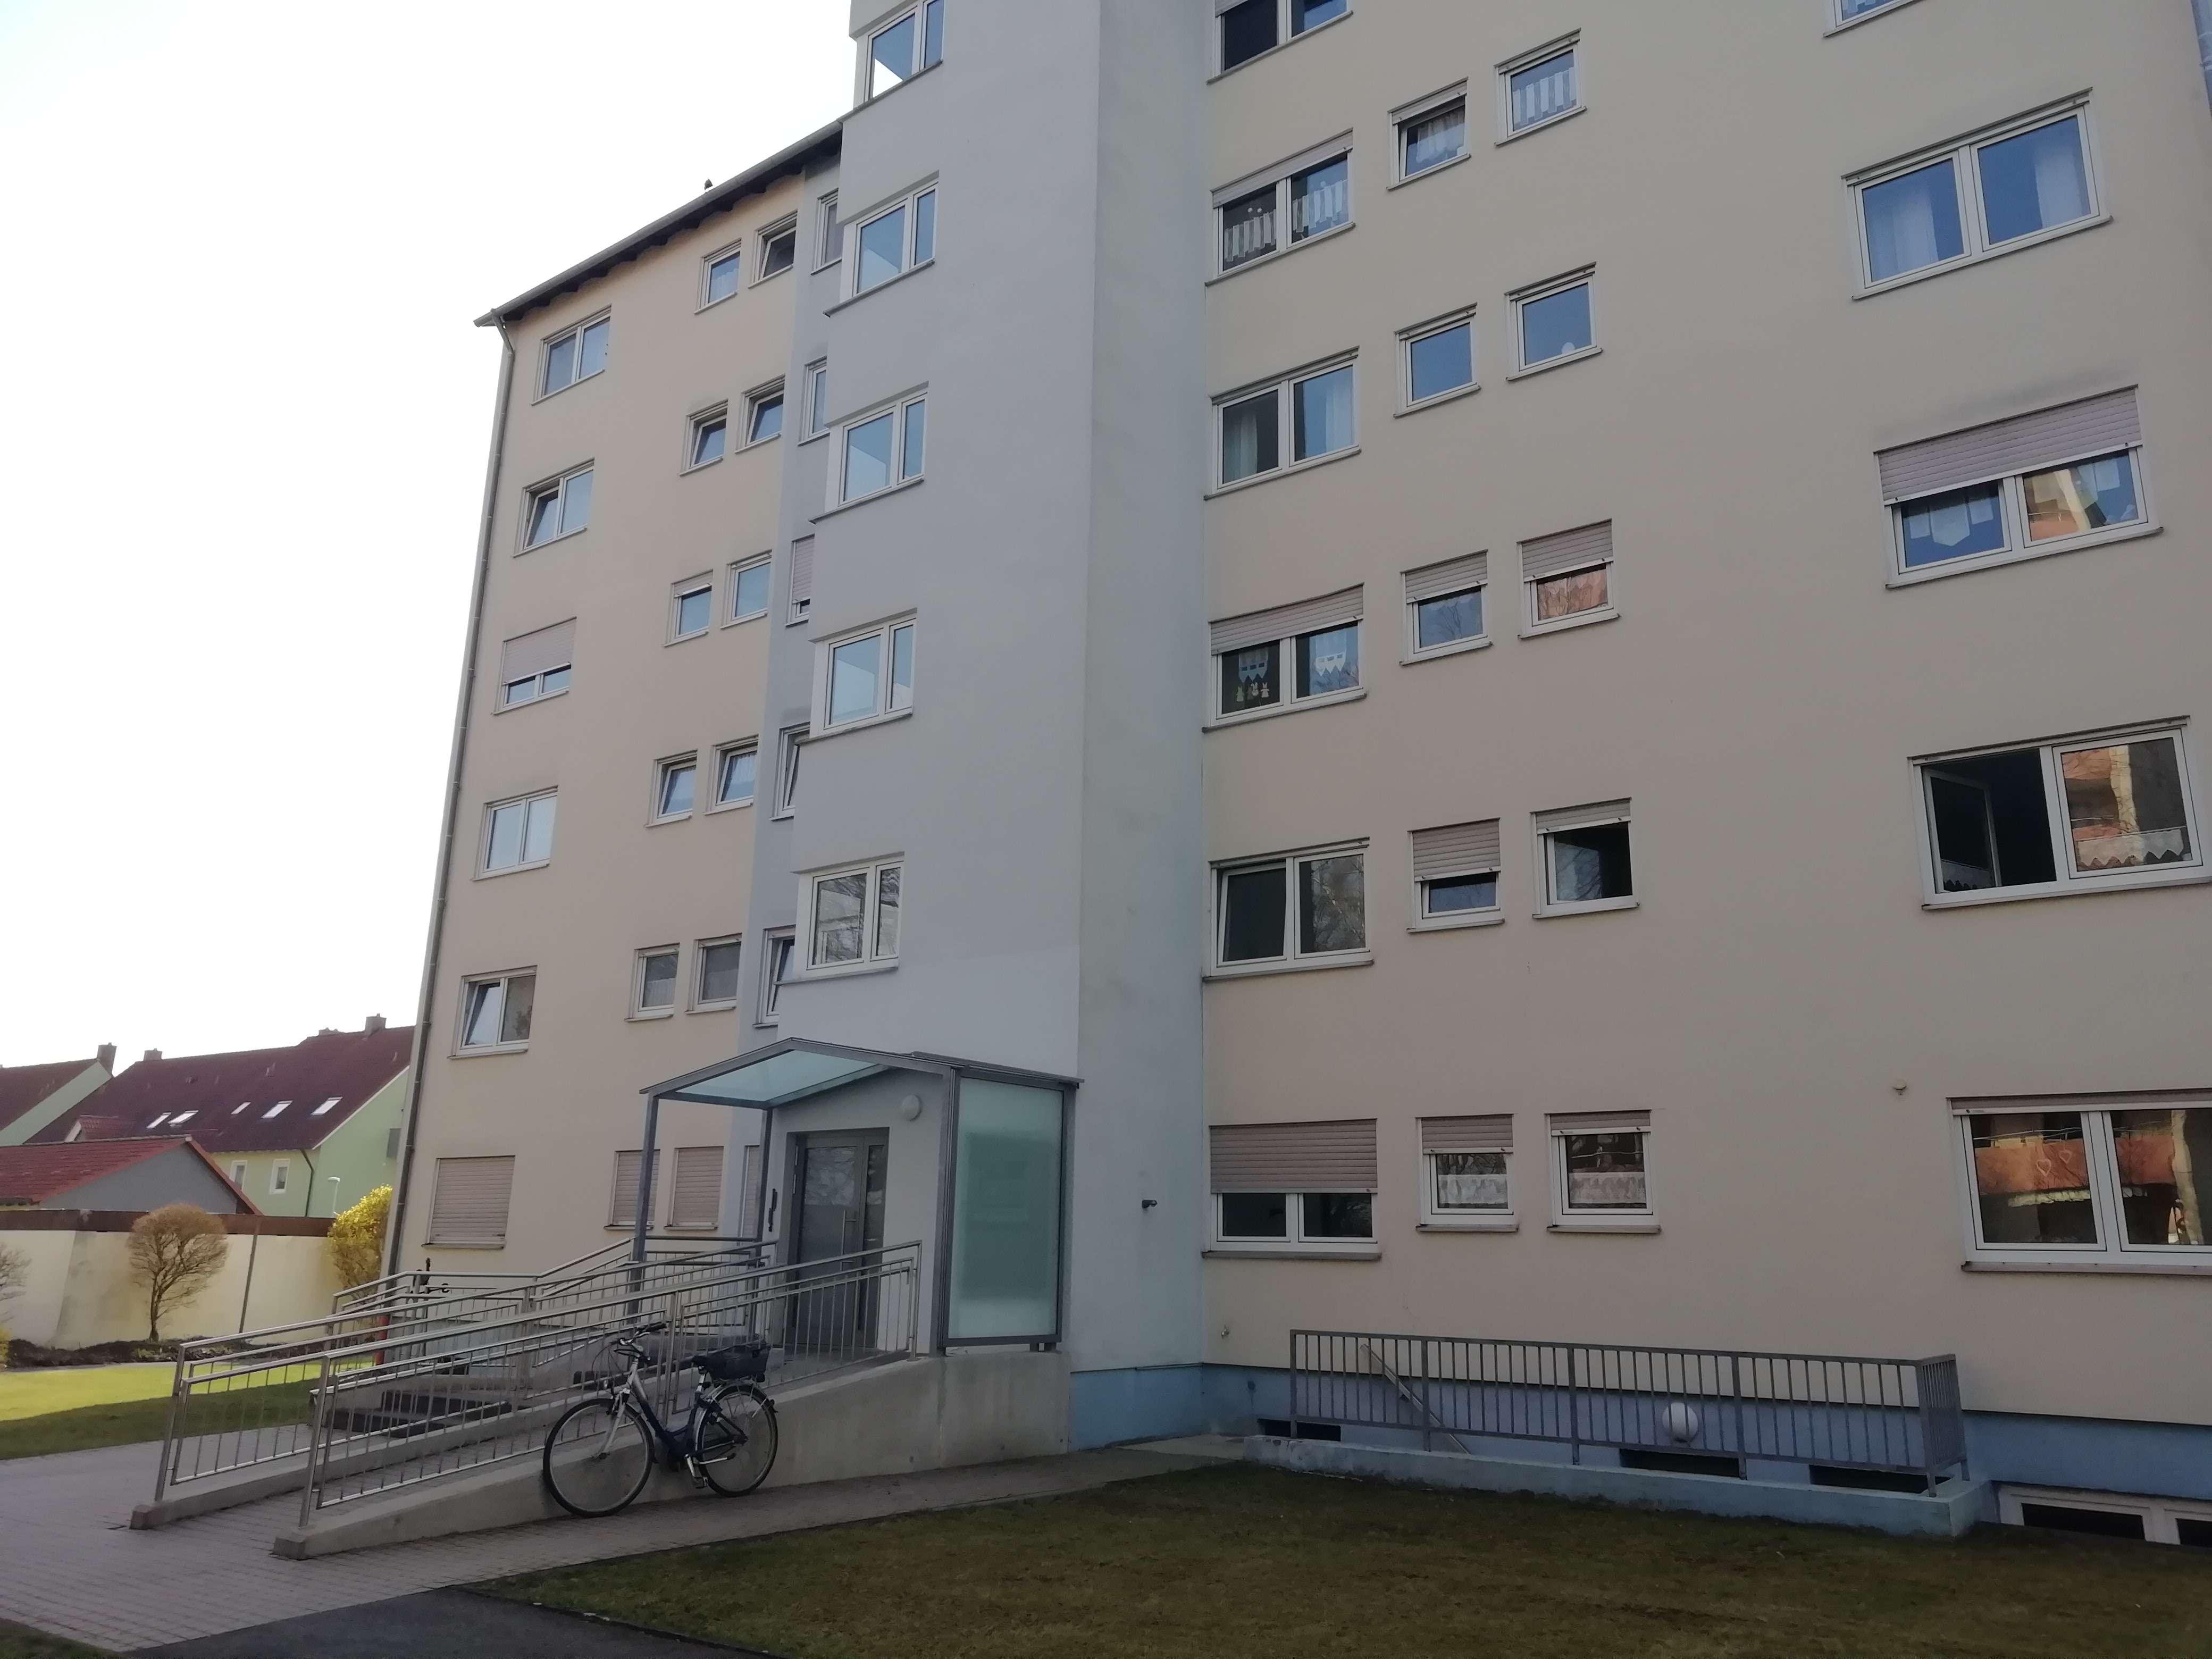 Modernisierte 3-Zimmer-EG-Wohnung mit Balkon und Einbauküche in Bad Königshofen/ Grabfeld